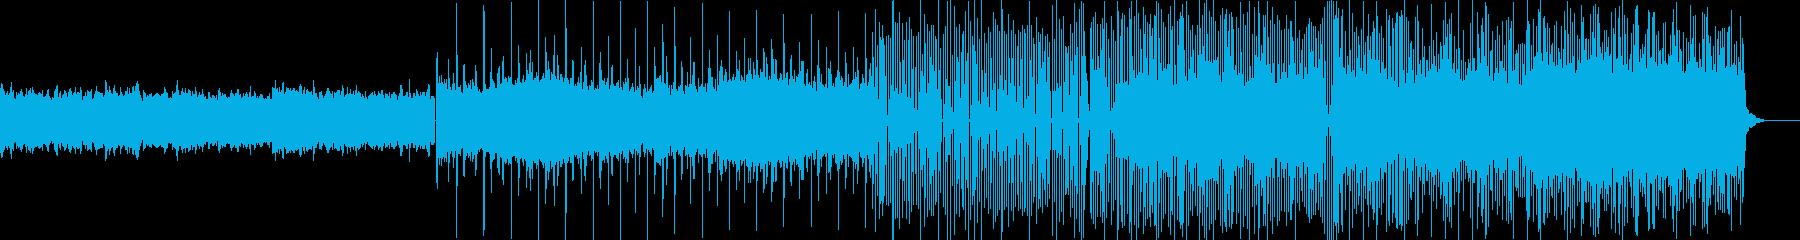 森が開拓されるようなイメージの電子音楽の再生済みの波形